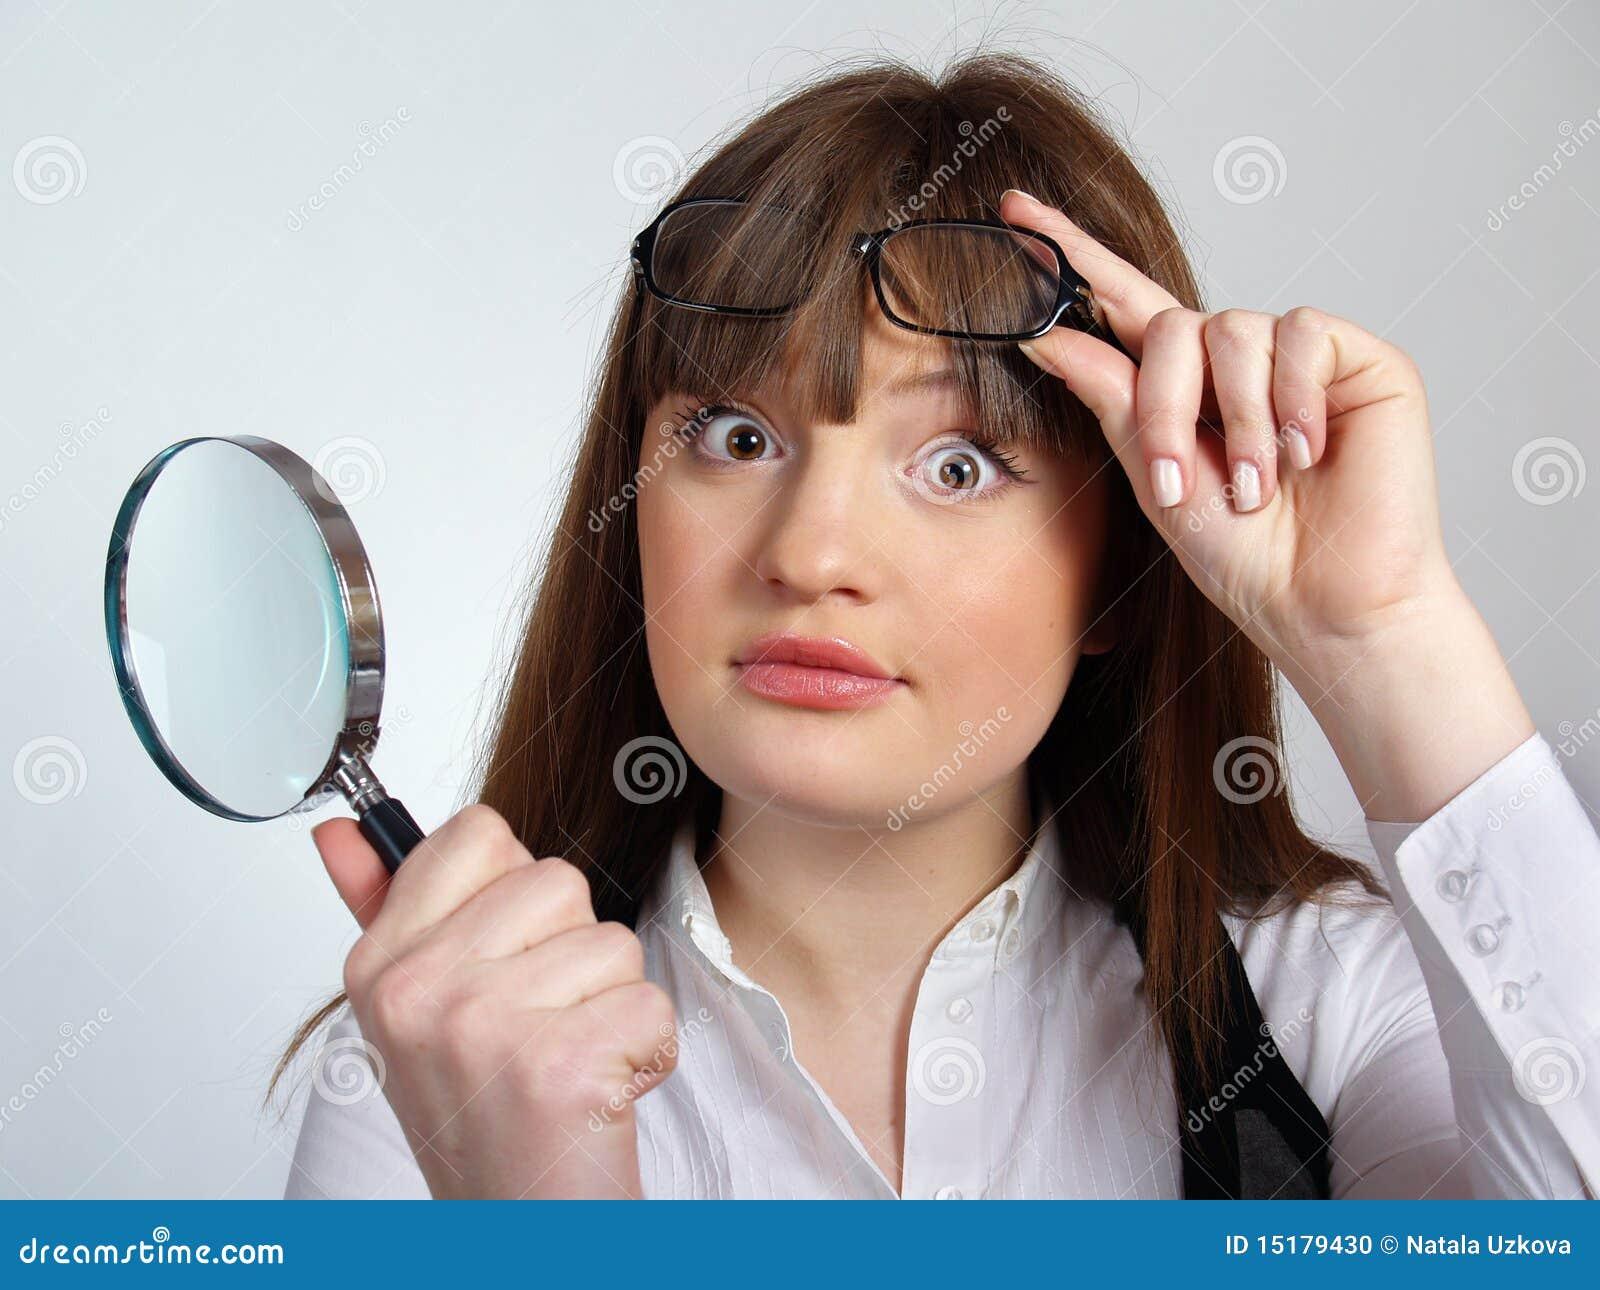 Mädchen mit einem Vergrößerungsglas in ihrer Hand